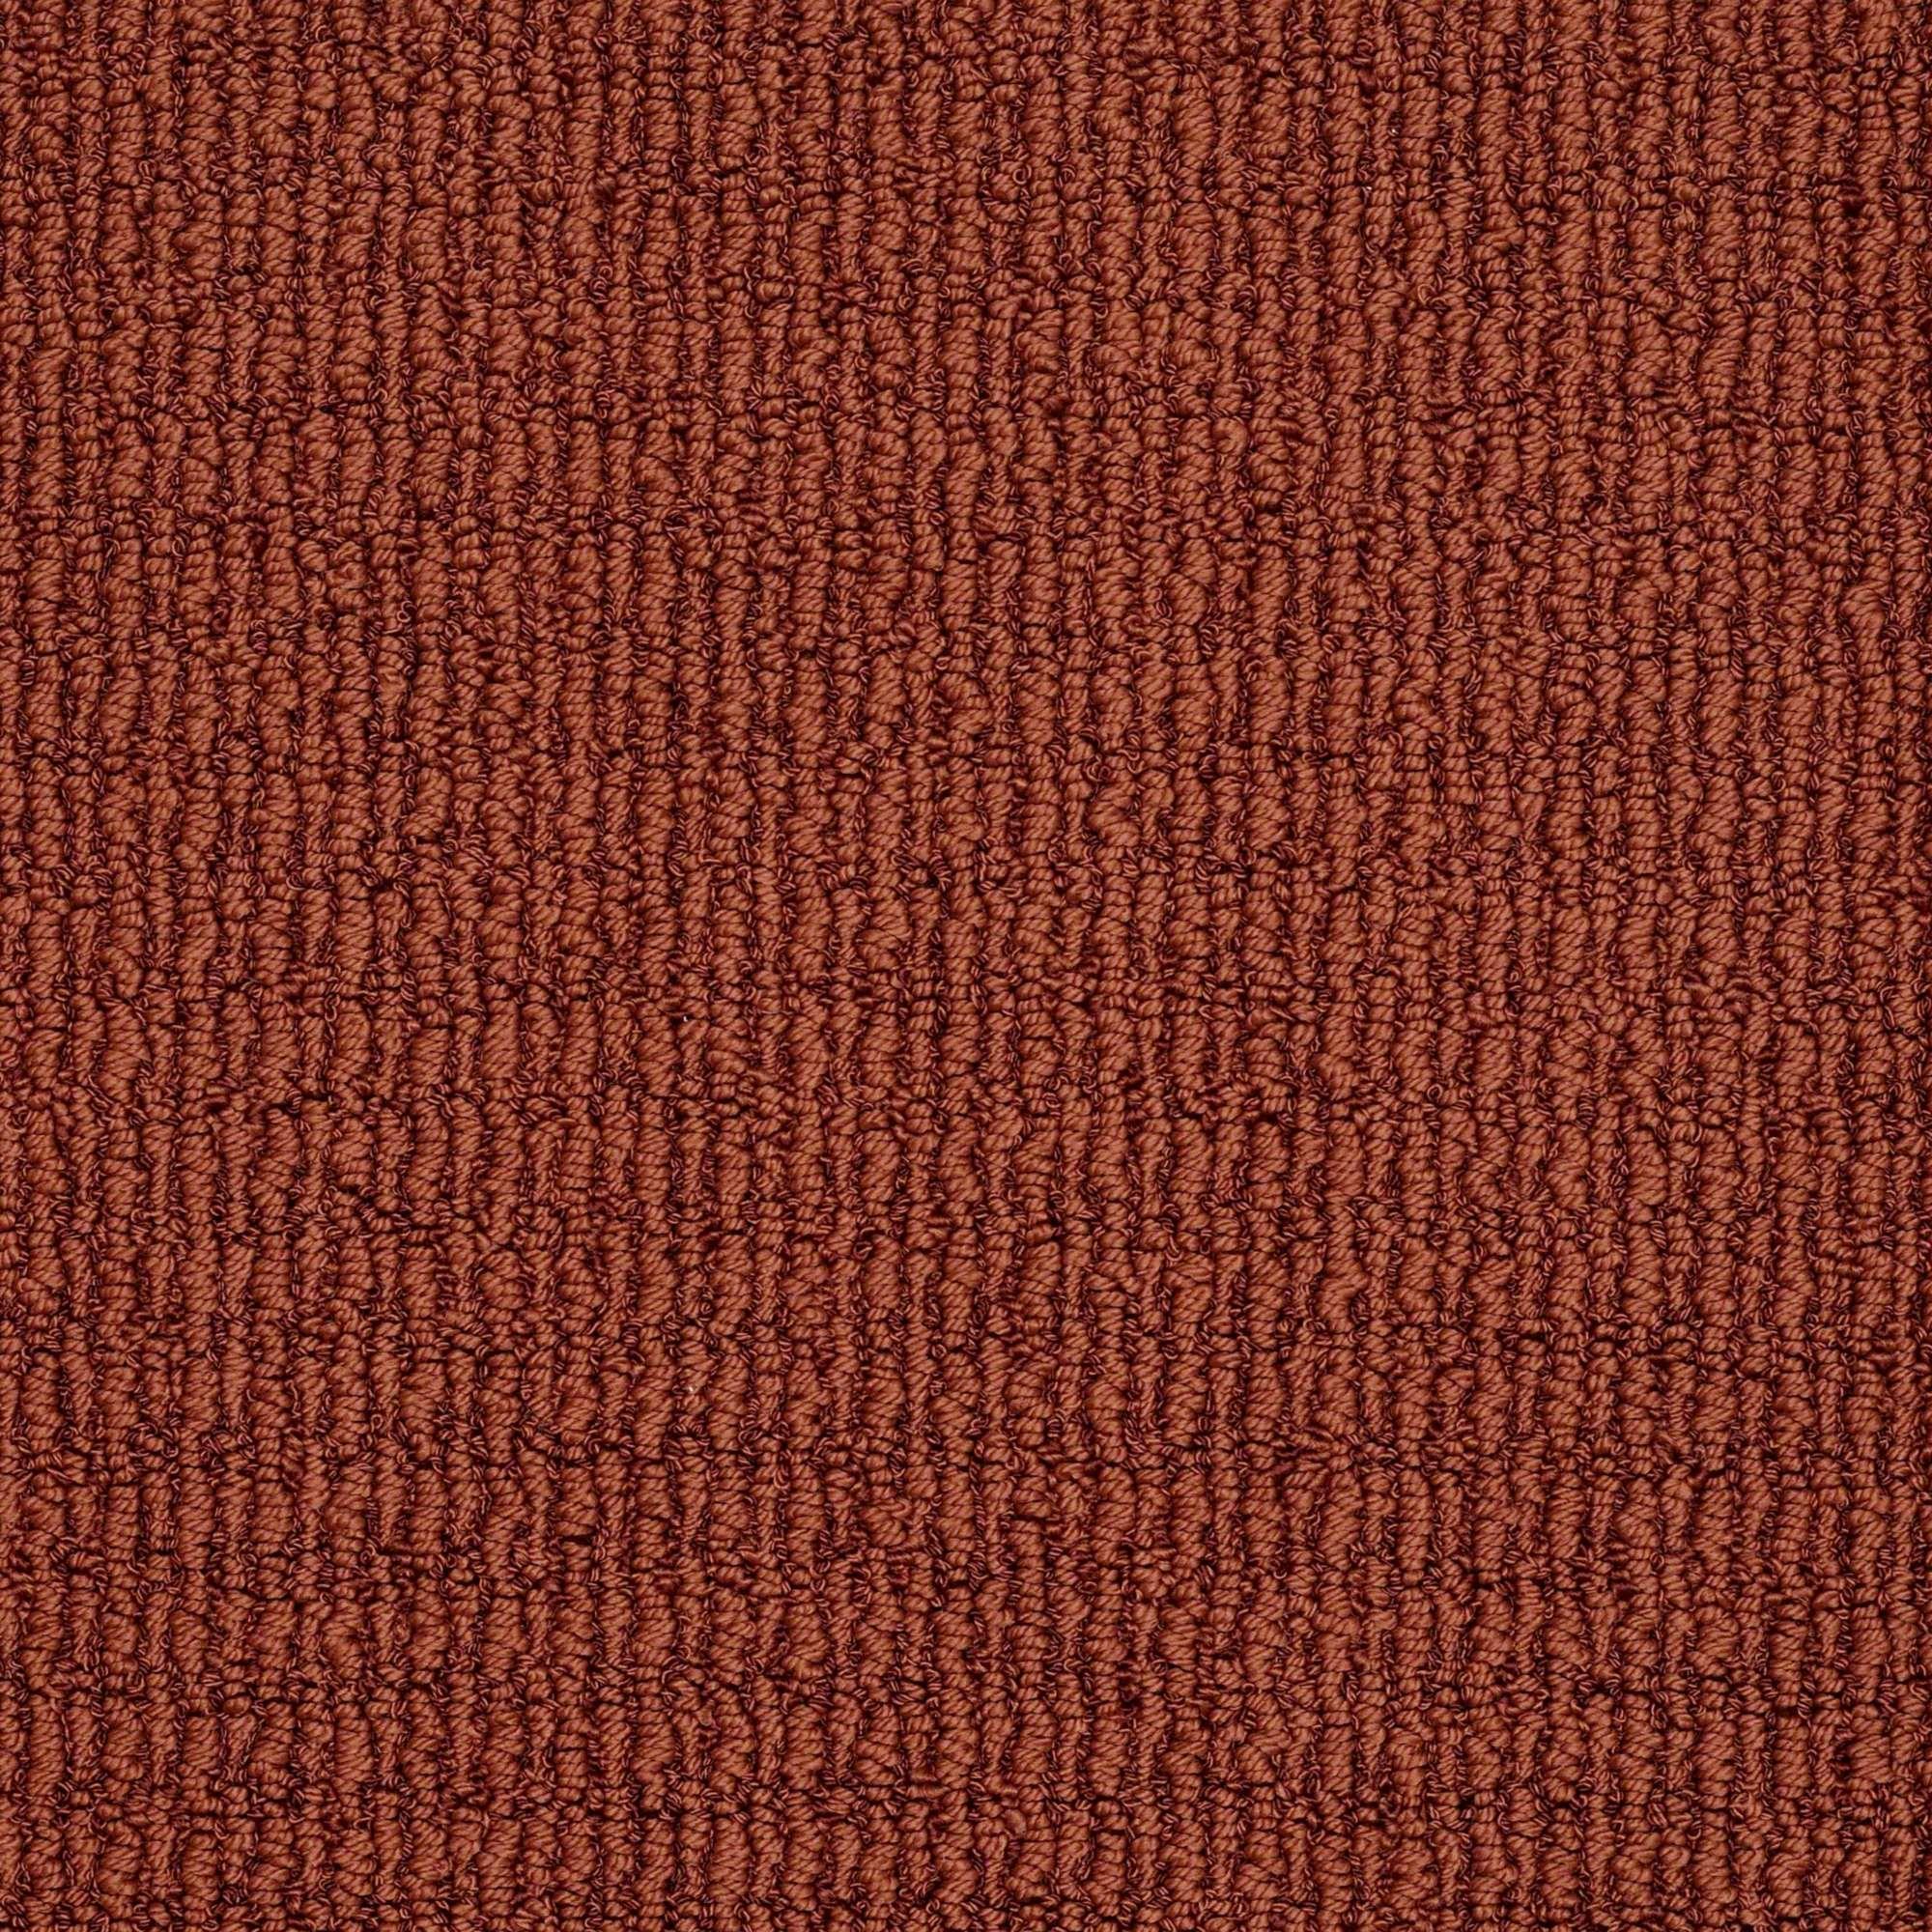 Carpet Carpeting Berber Texture More Carpet Samples Stainmaster Carpet